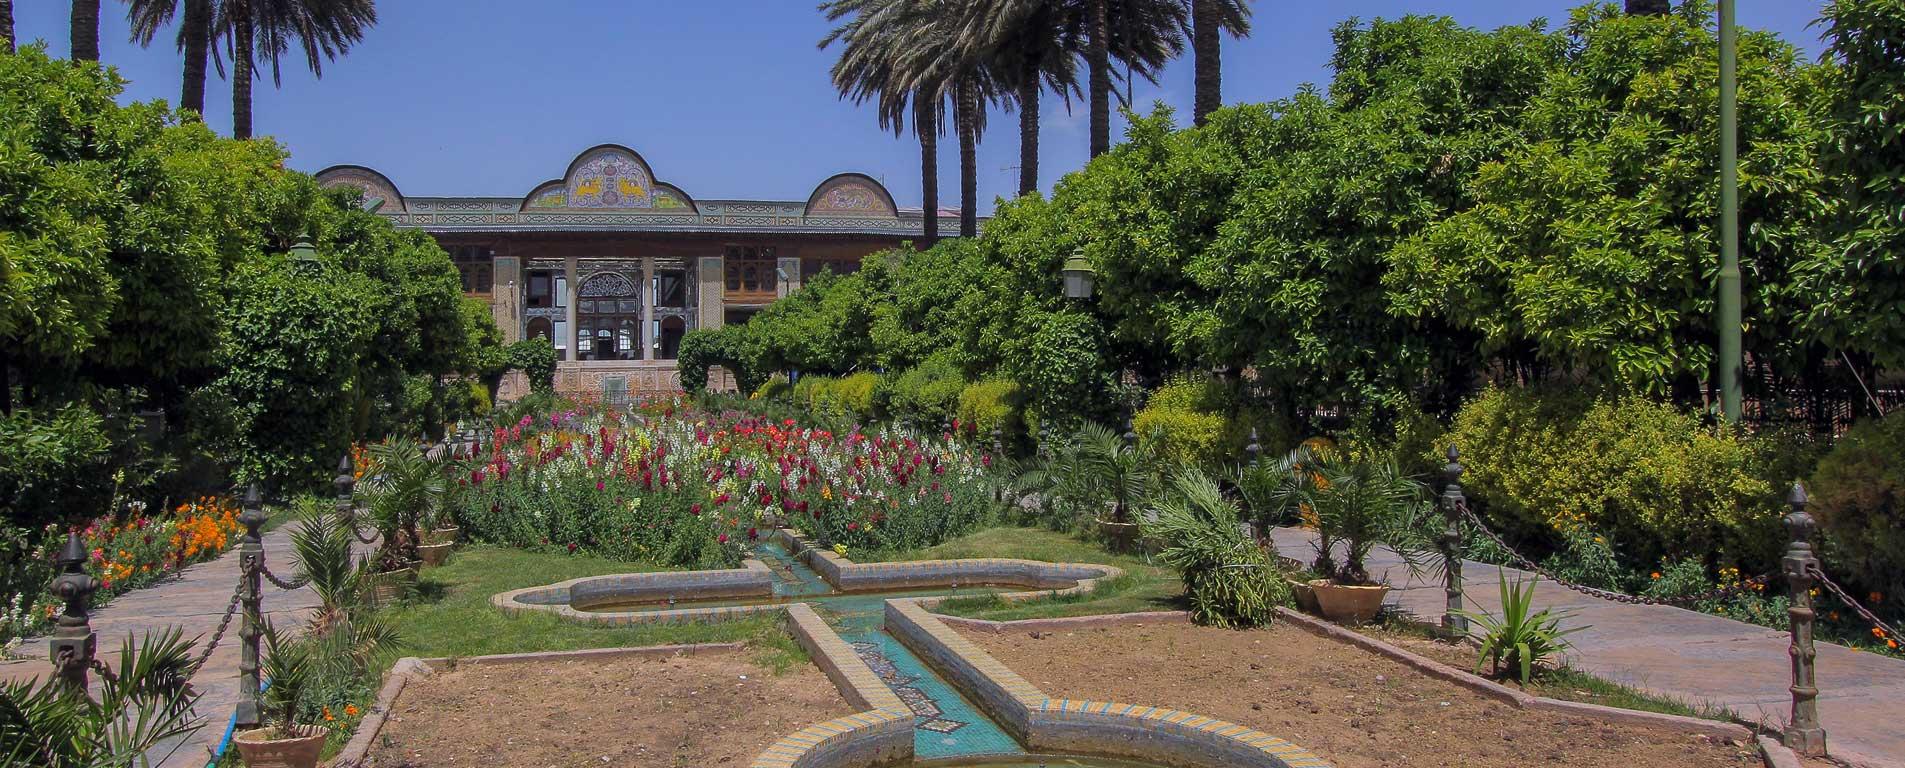 باغ نارنجستان قوام ، بوی خوش نارنجها در آغوش معماری قجری